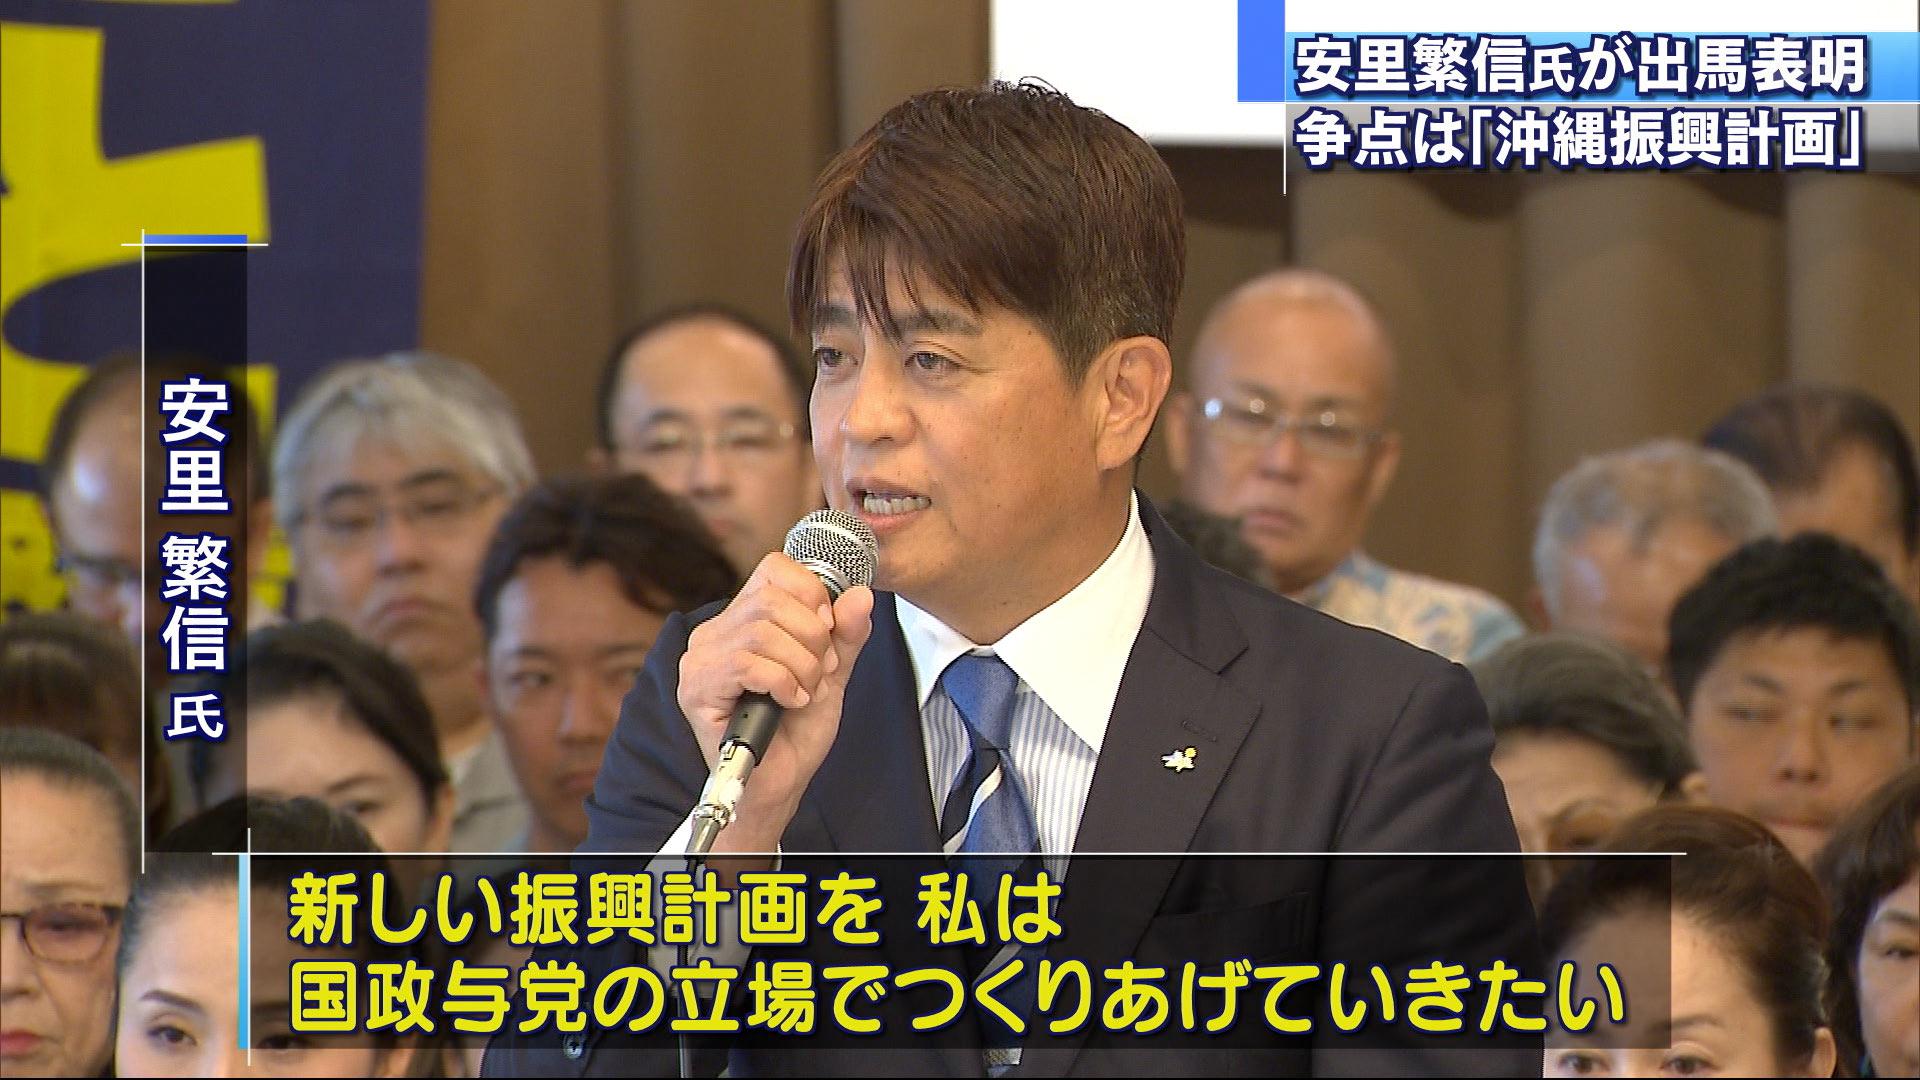 安里繁信さんが参院選への出馬を表明